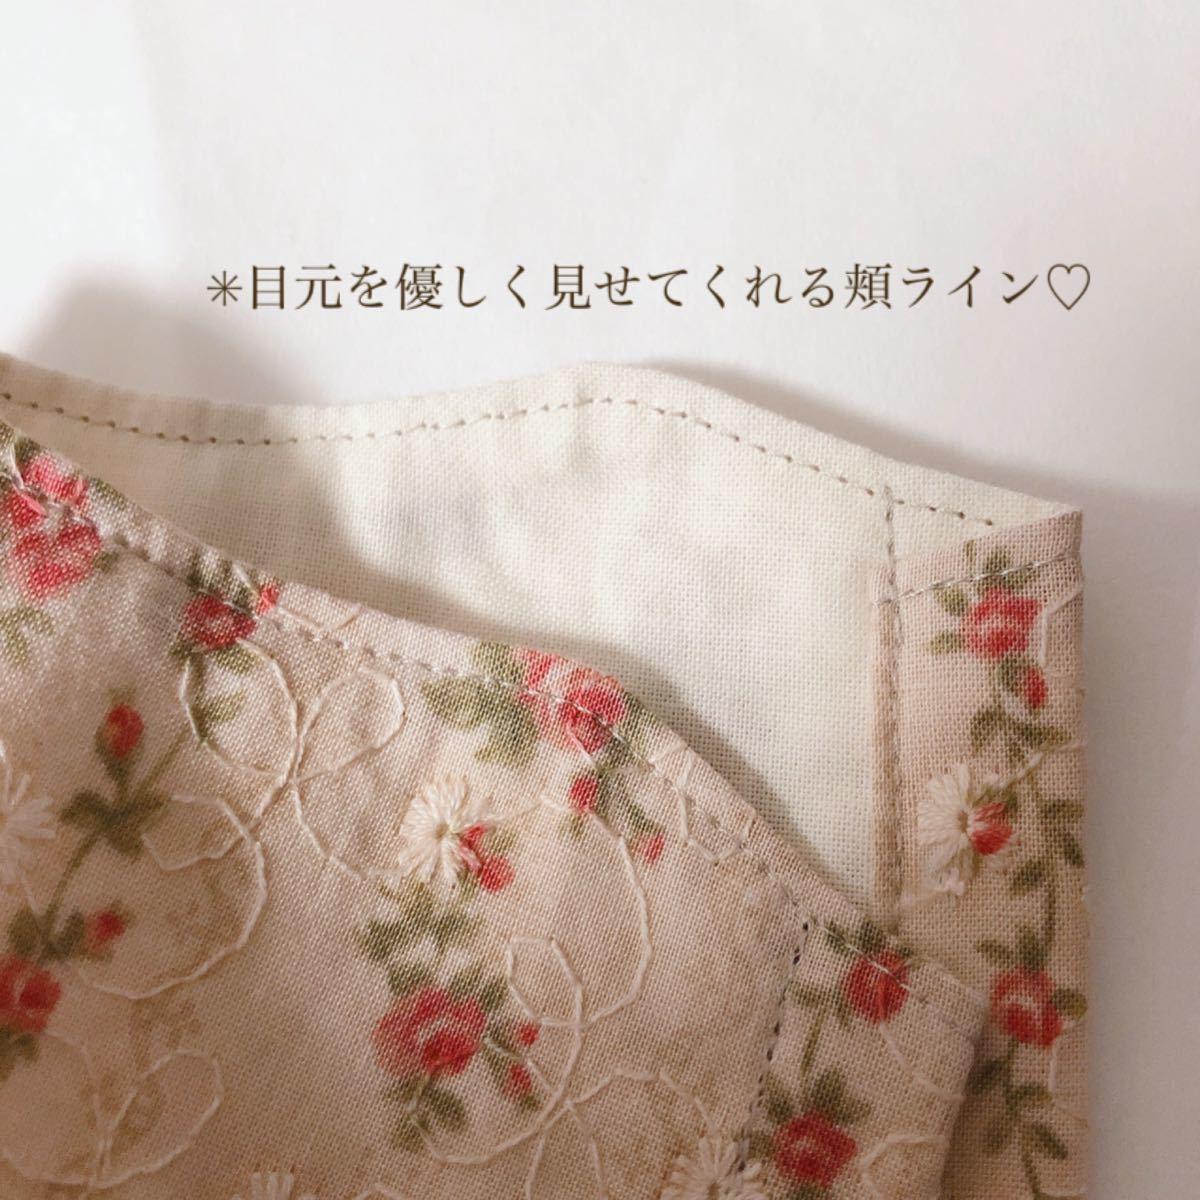 ハンドメイド インナーカバー 立体インナー 花柄 ブルー ベージュ 刺繍